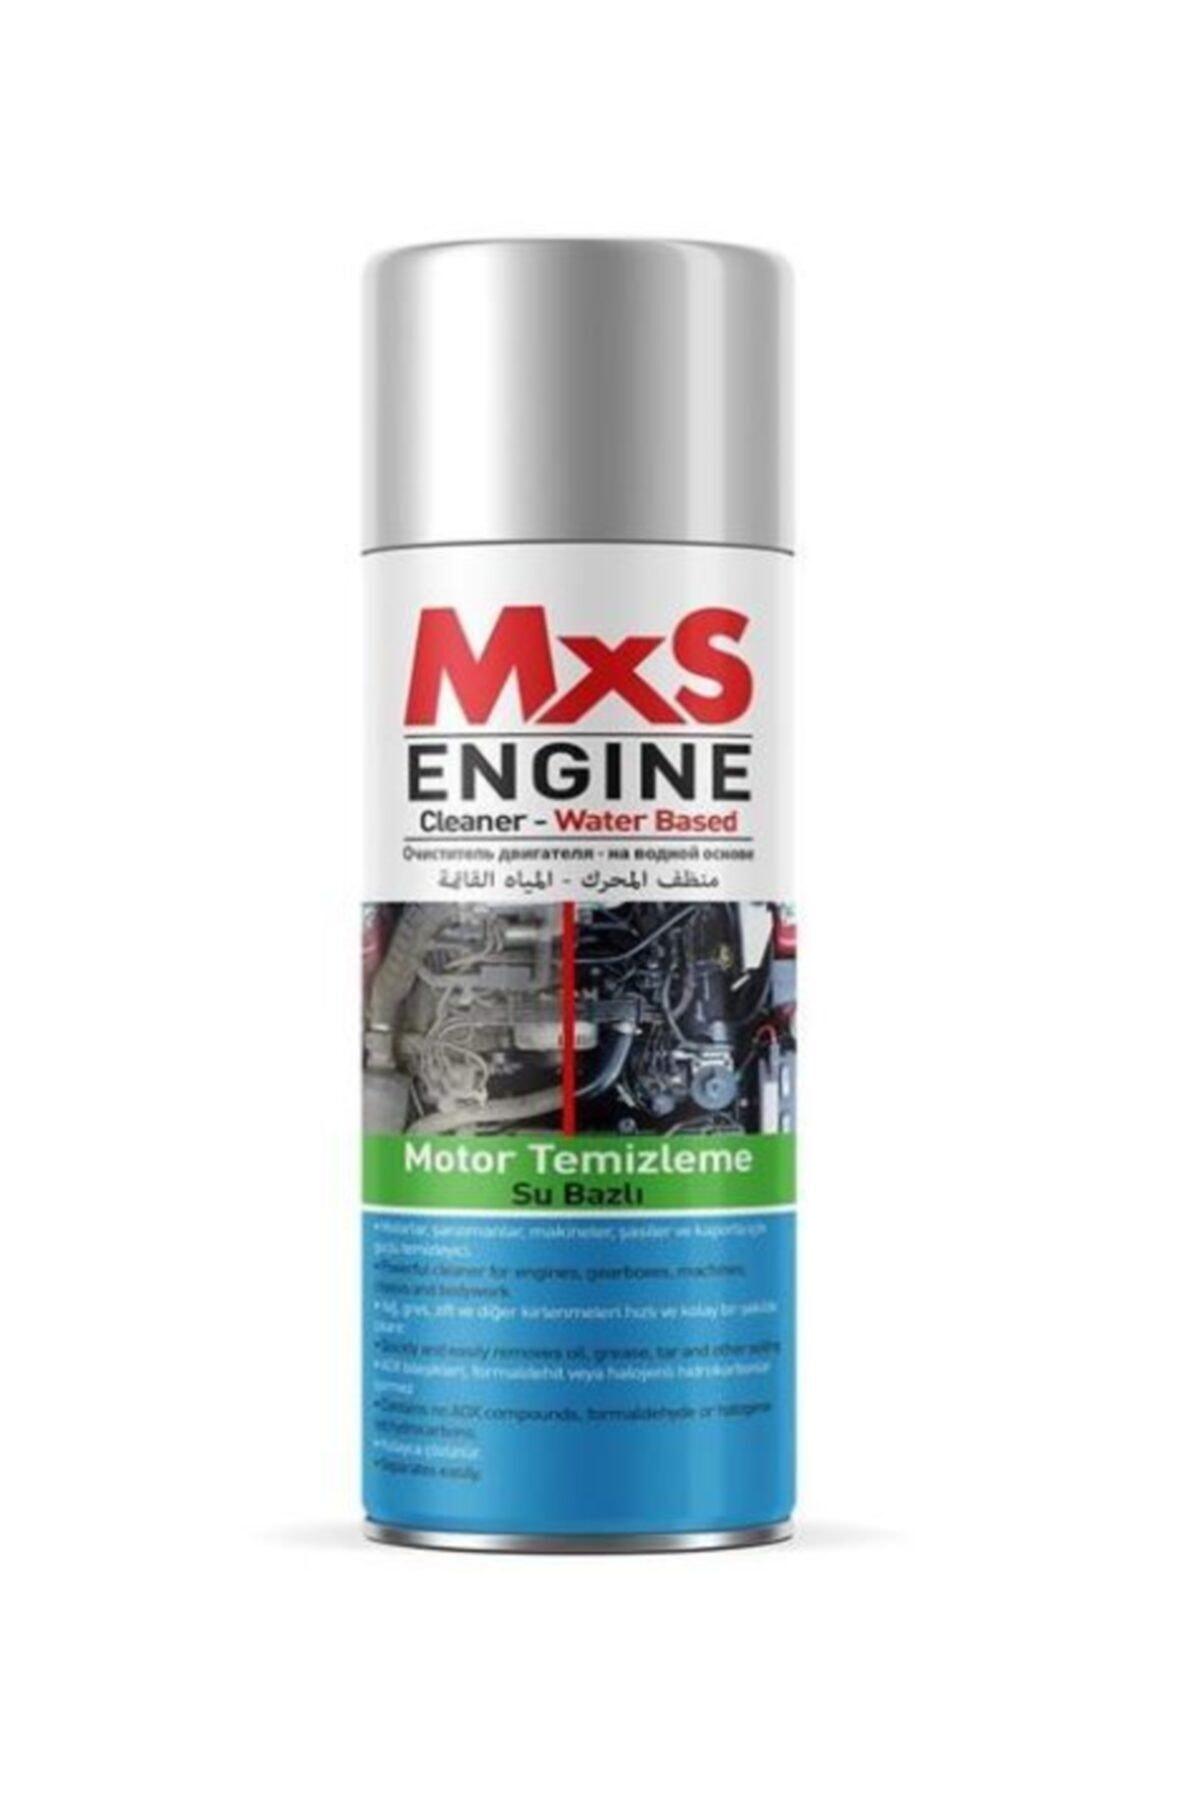 MxS Motor Temızleme Kopuklu Sprey 500ml. 1